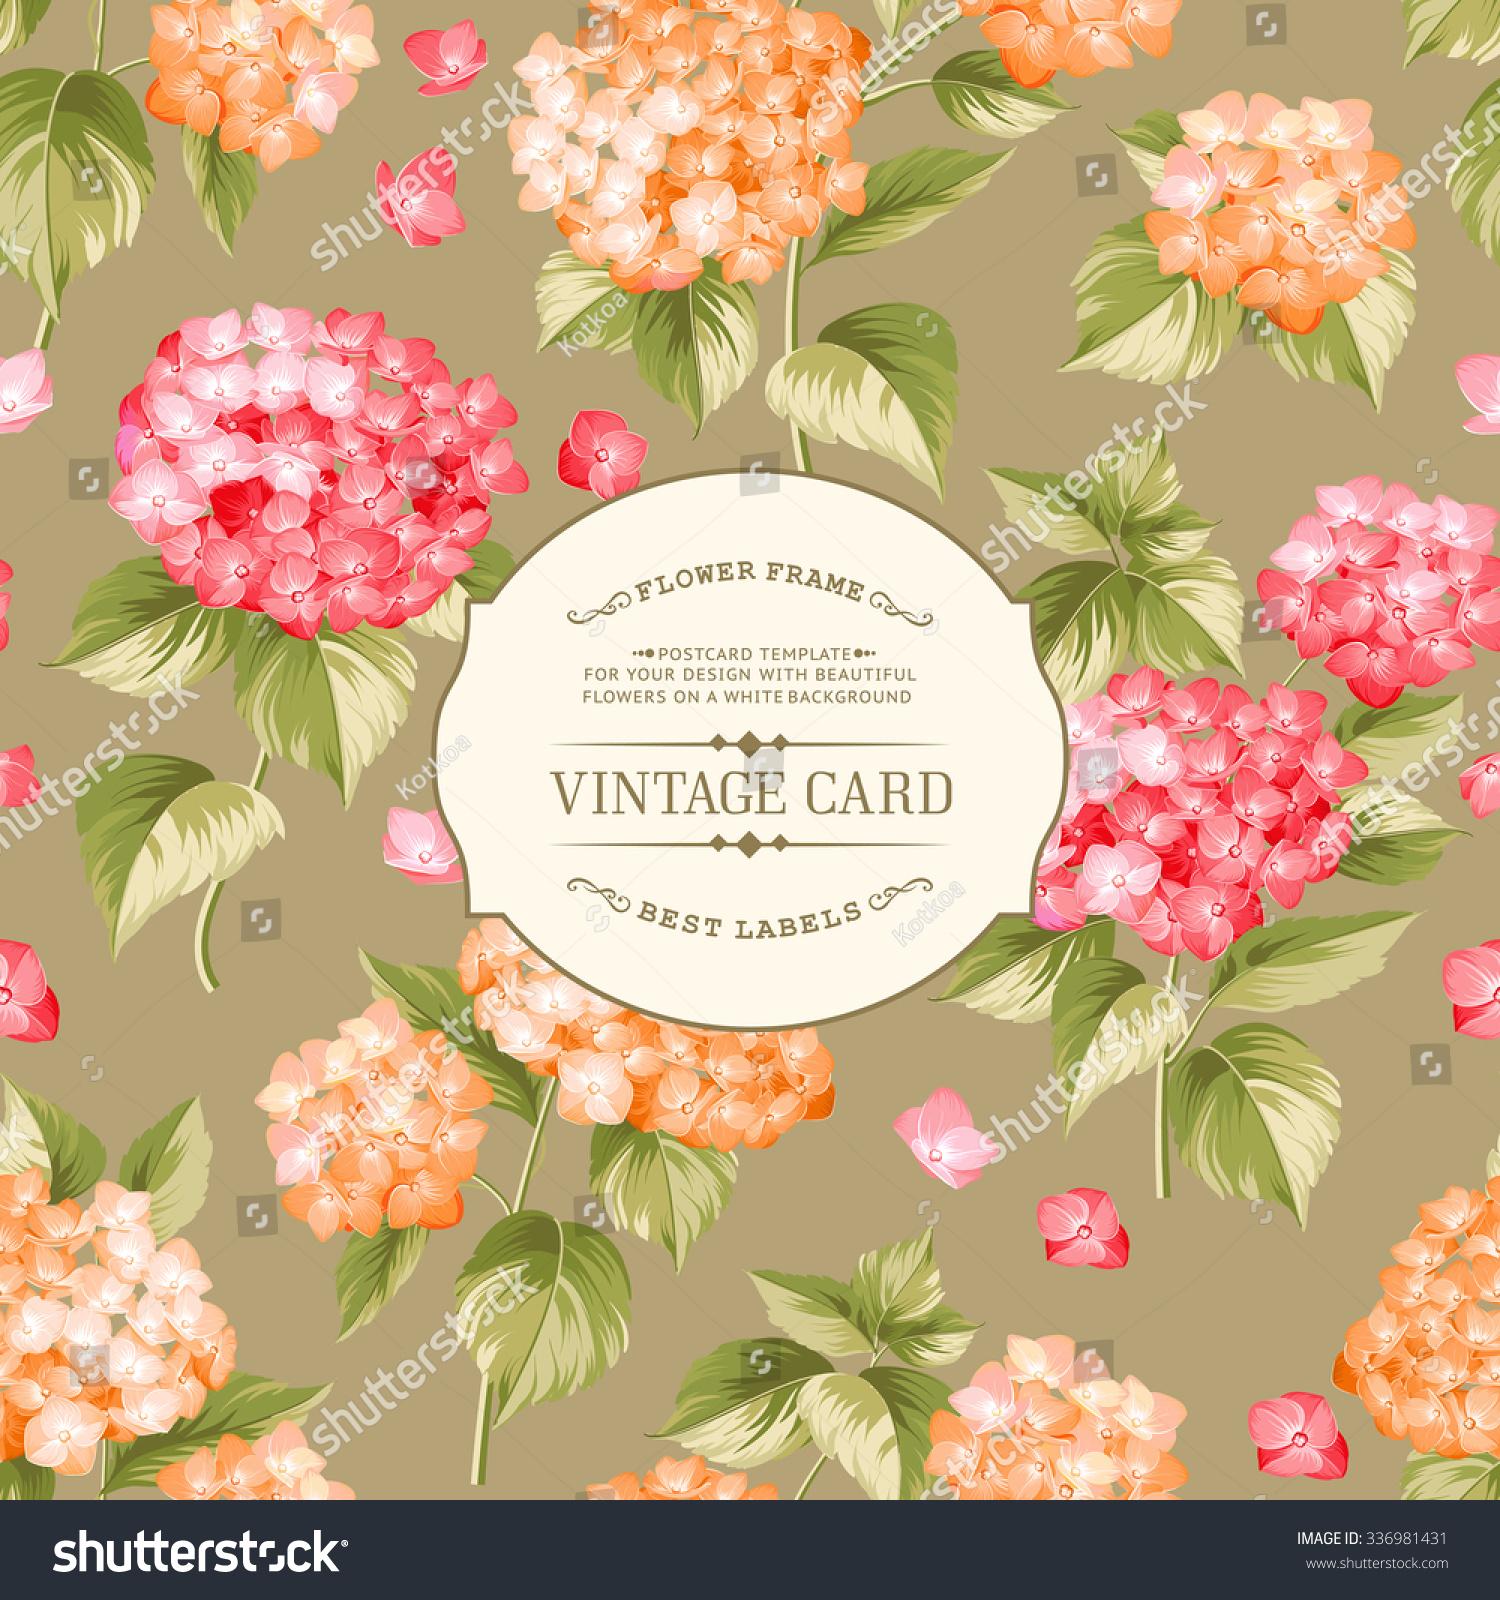 Book Cover Flower : Vintage floral label elegant book cover stock vector